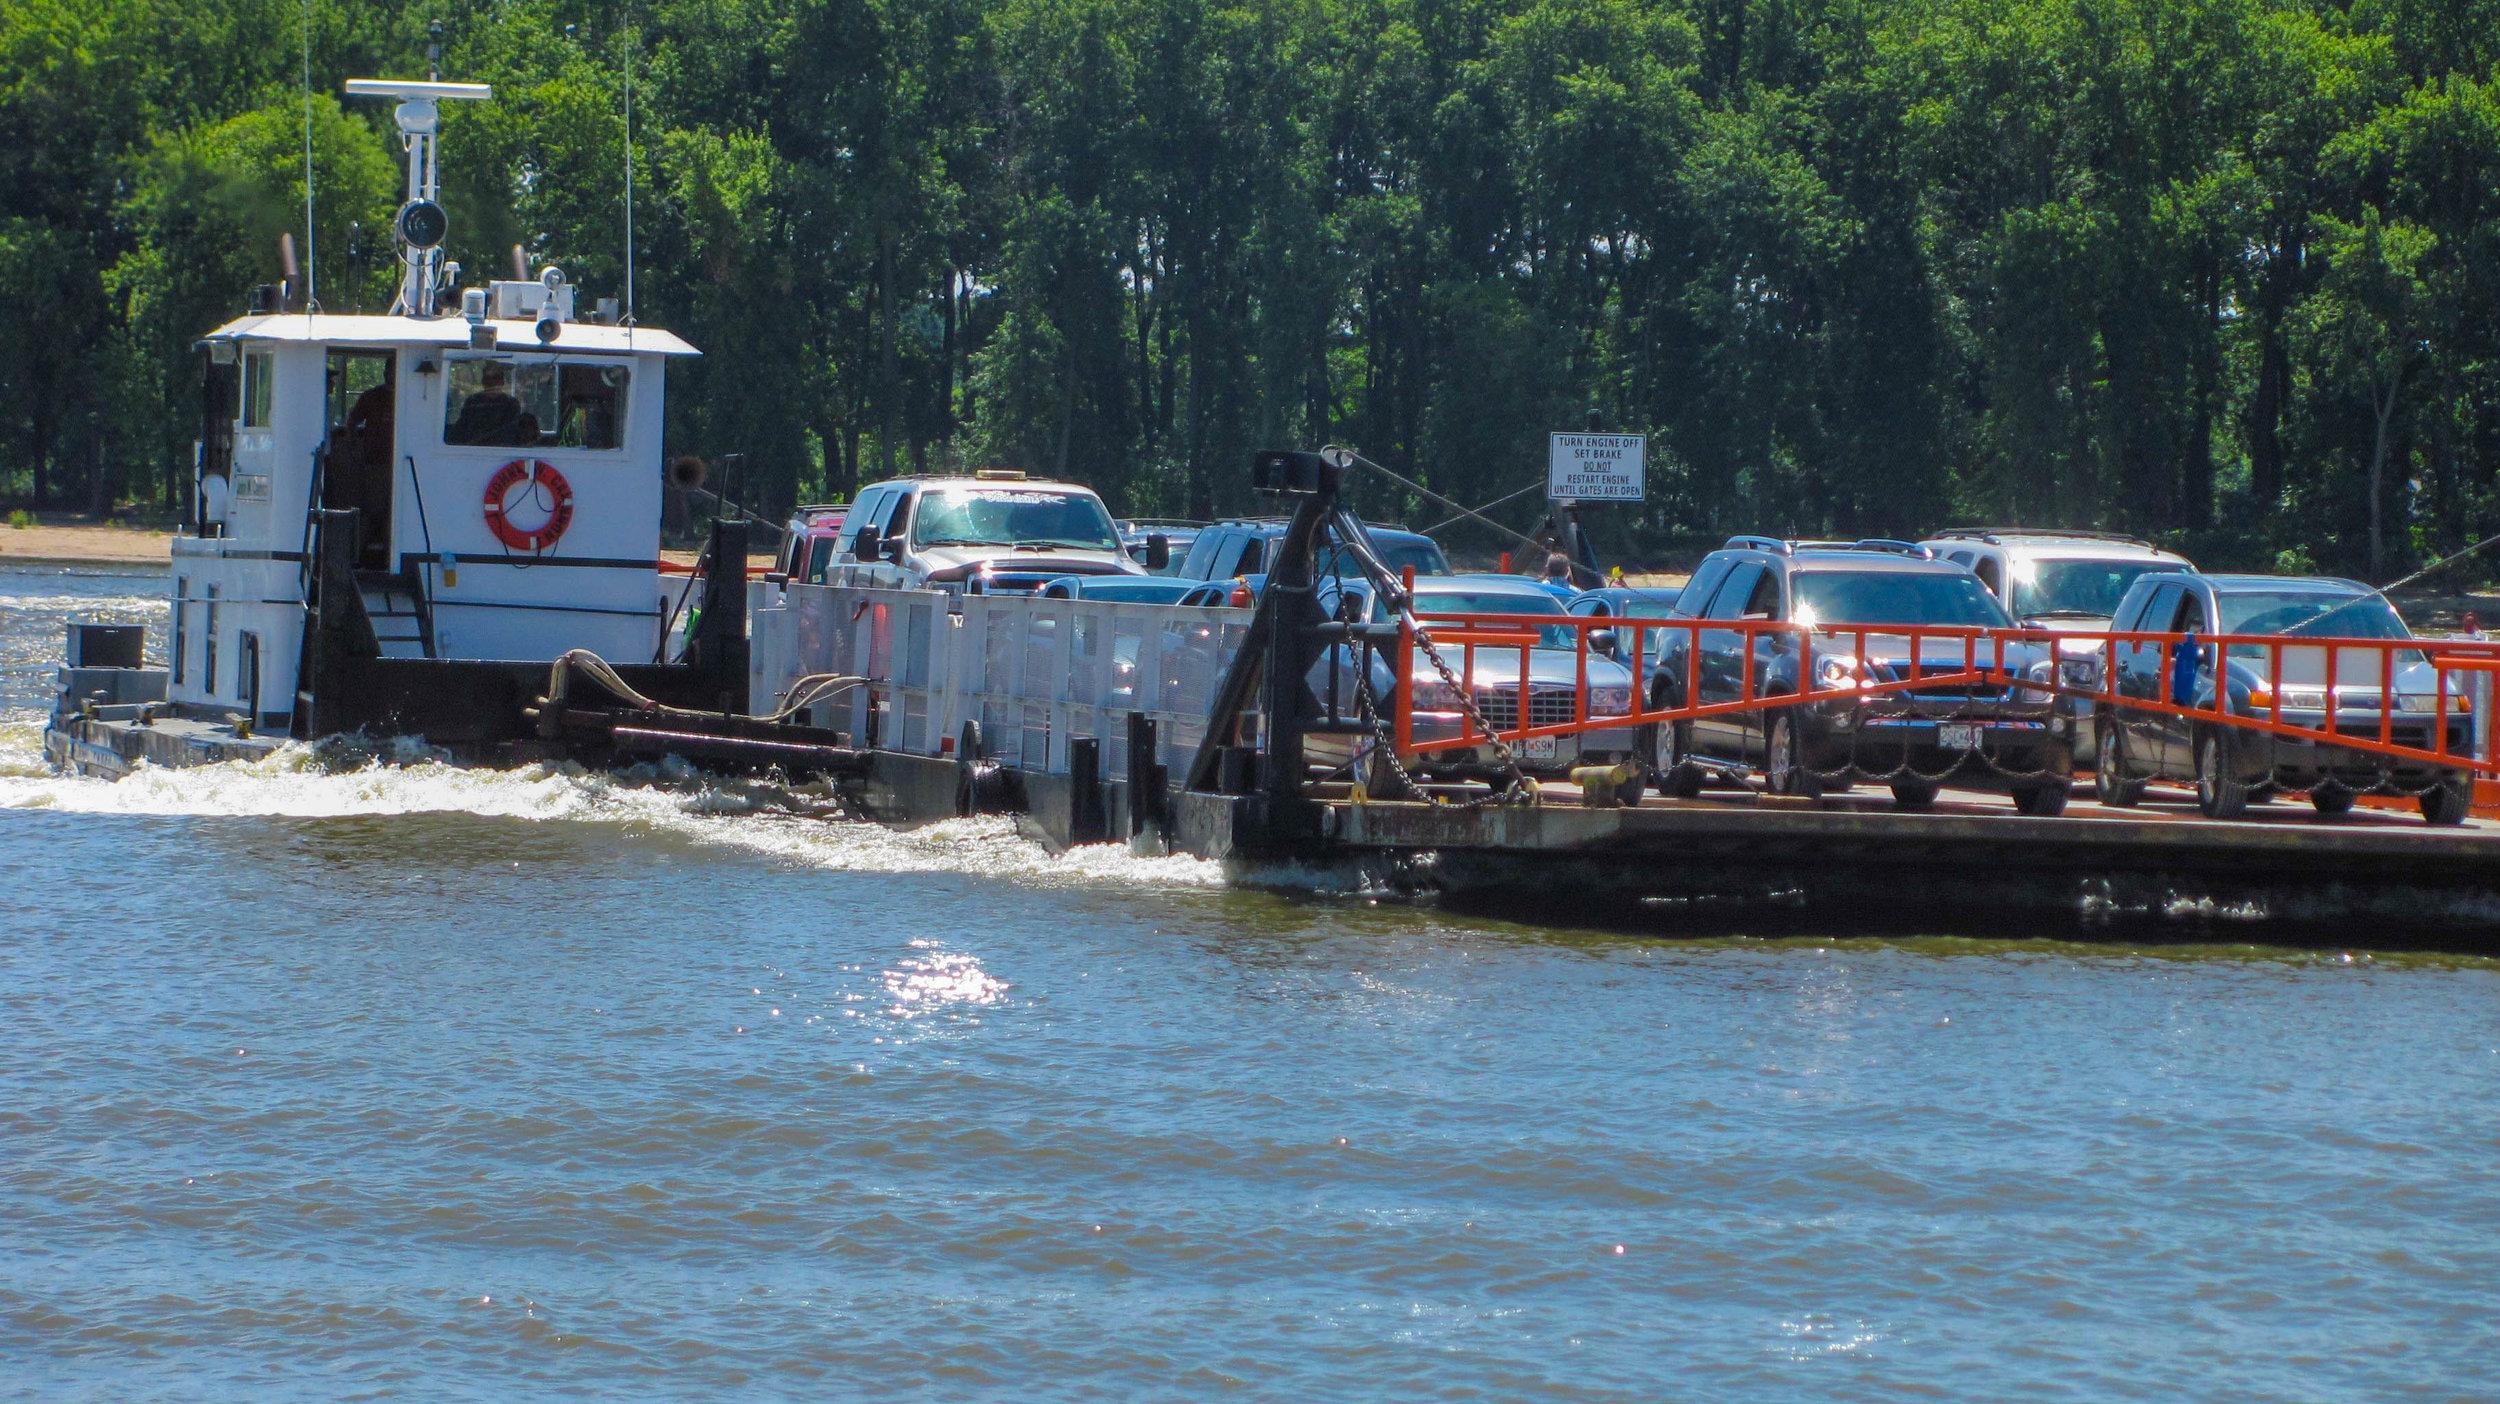 grafton_ferry_07282013_alr-3428.jpg